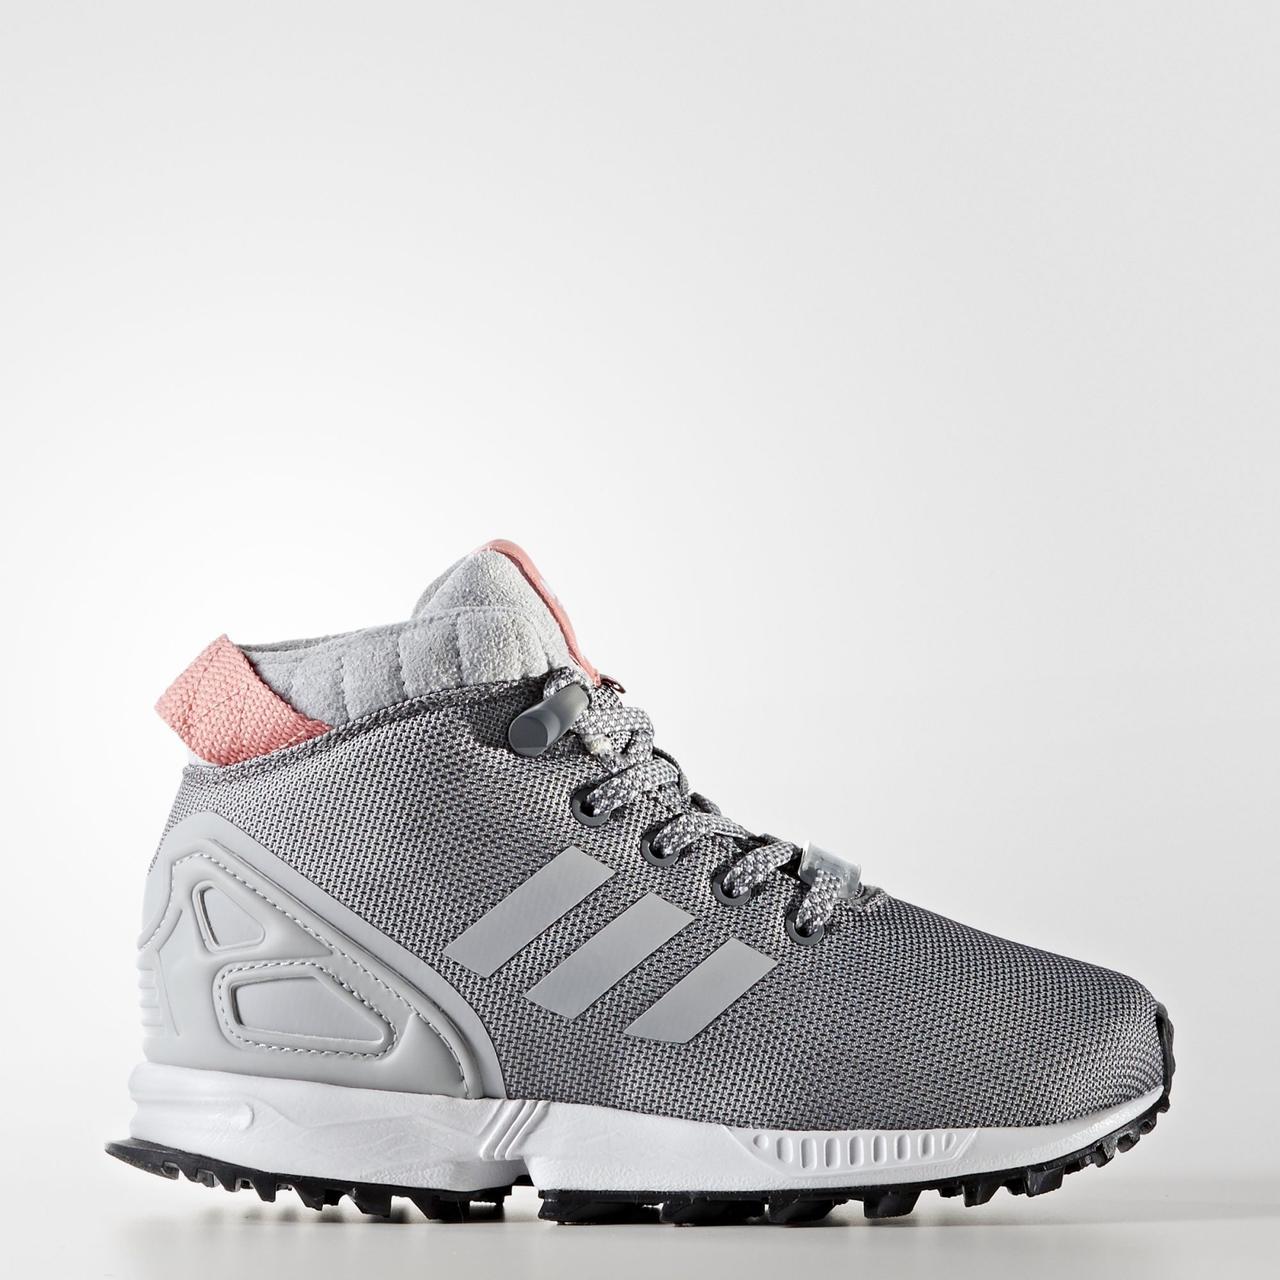 Купить Детские кроссовки Adidas Originals ZX Flux 5 8 Trail (Артикул ... 2a8d3e39339